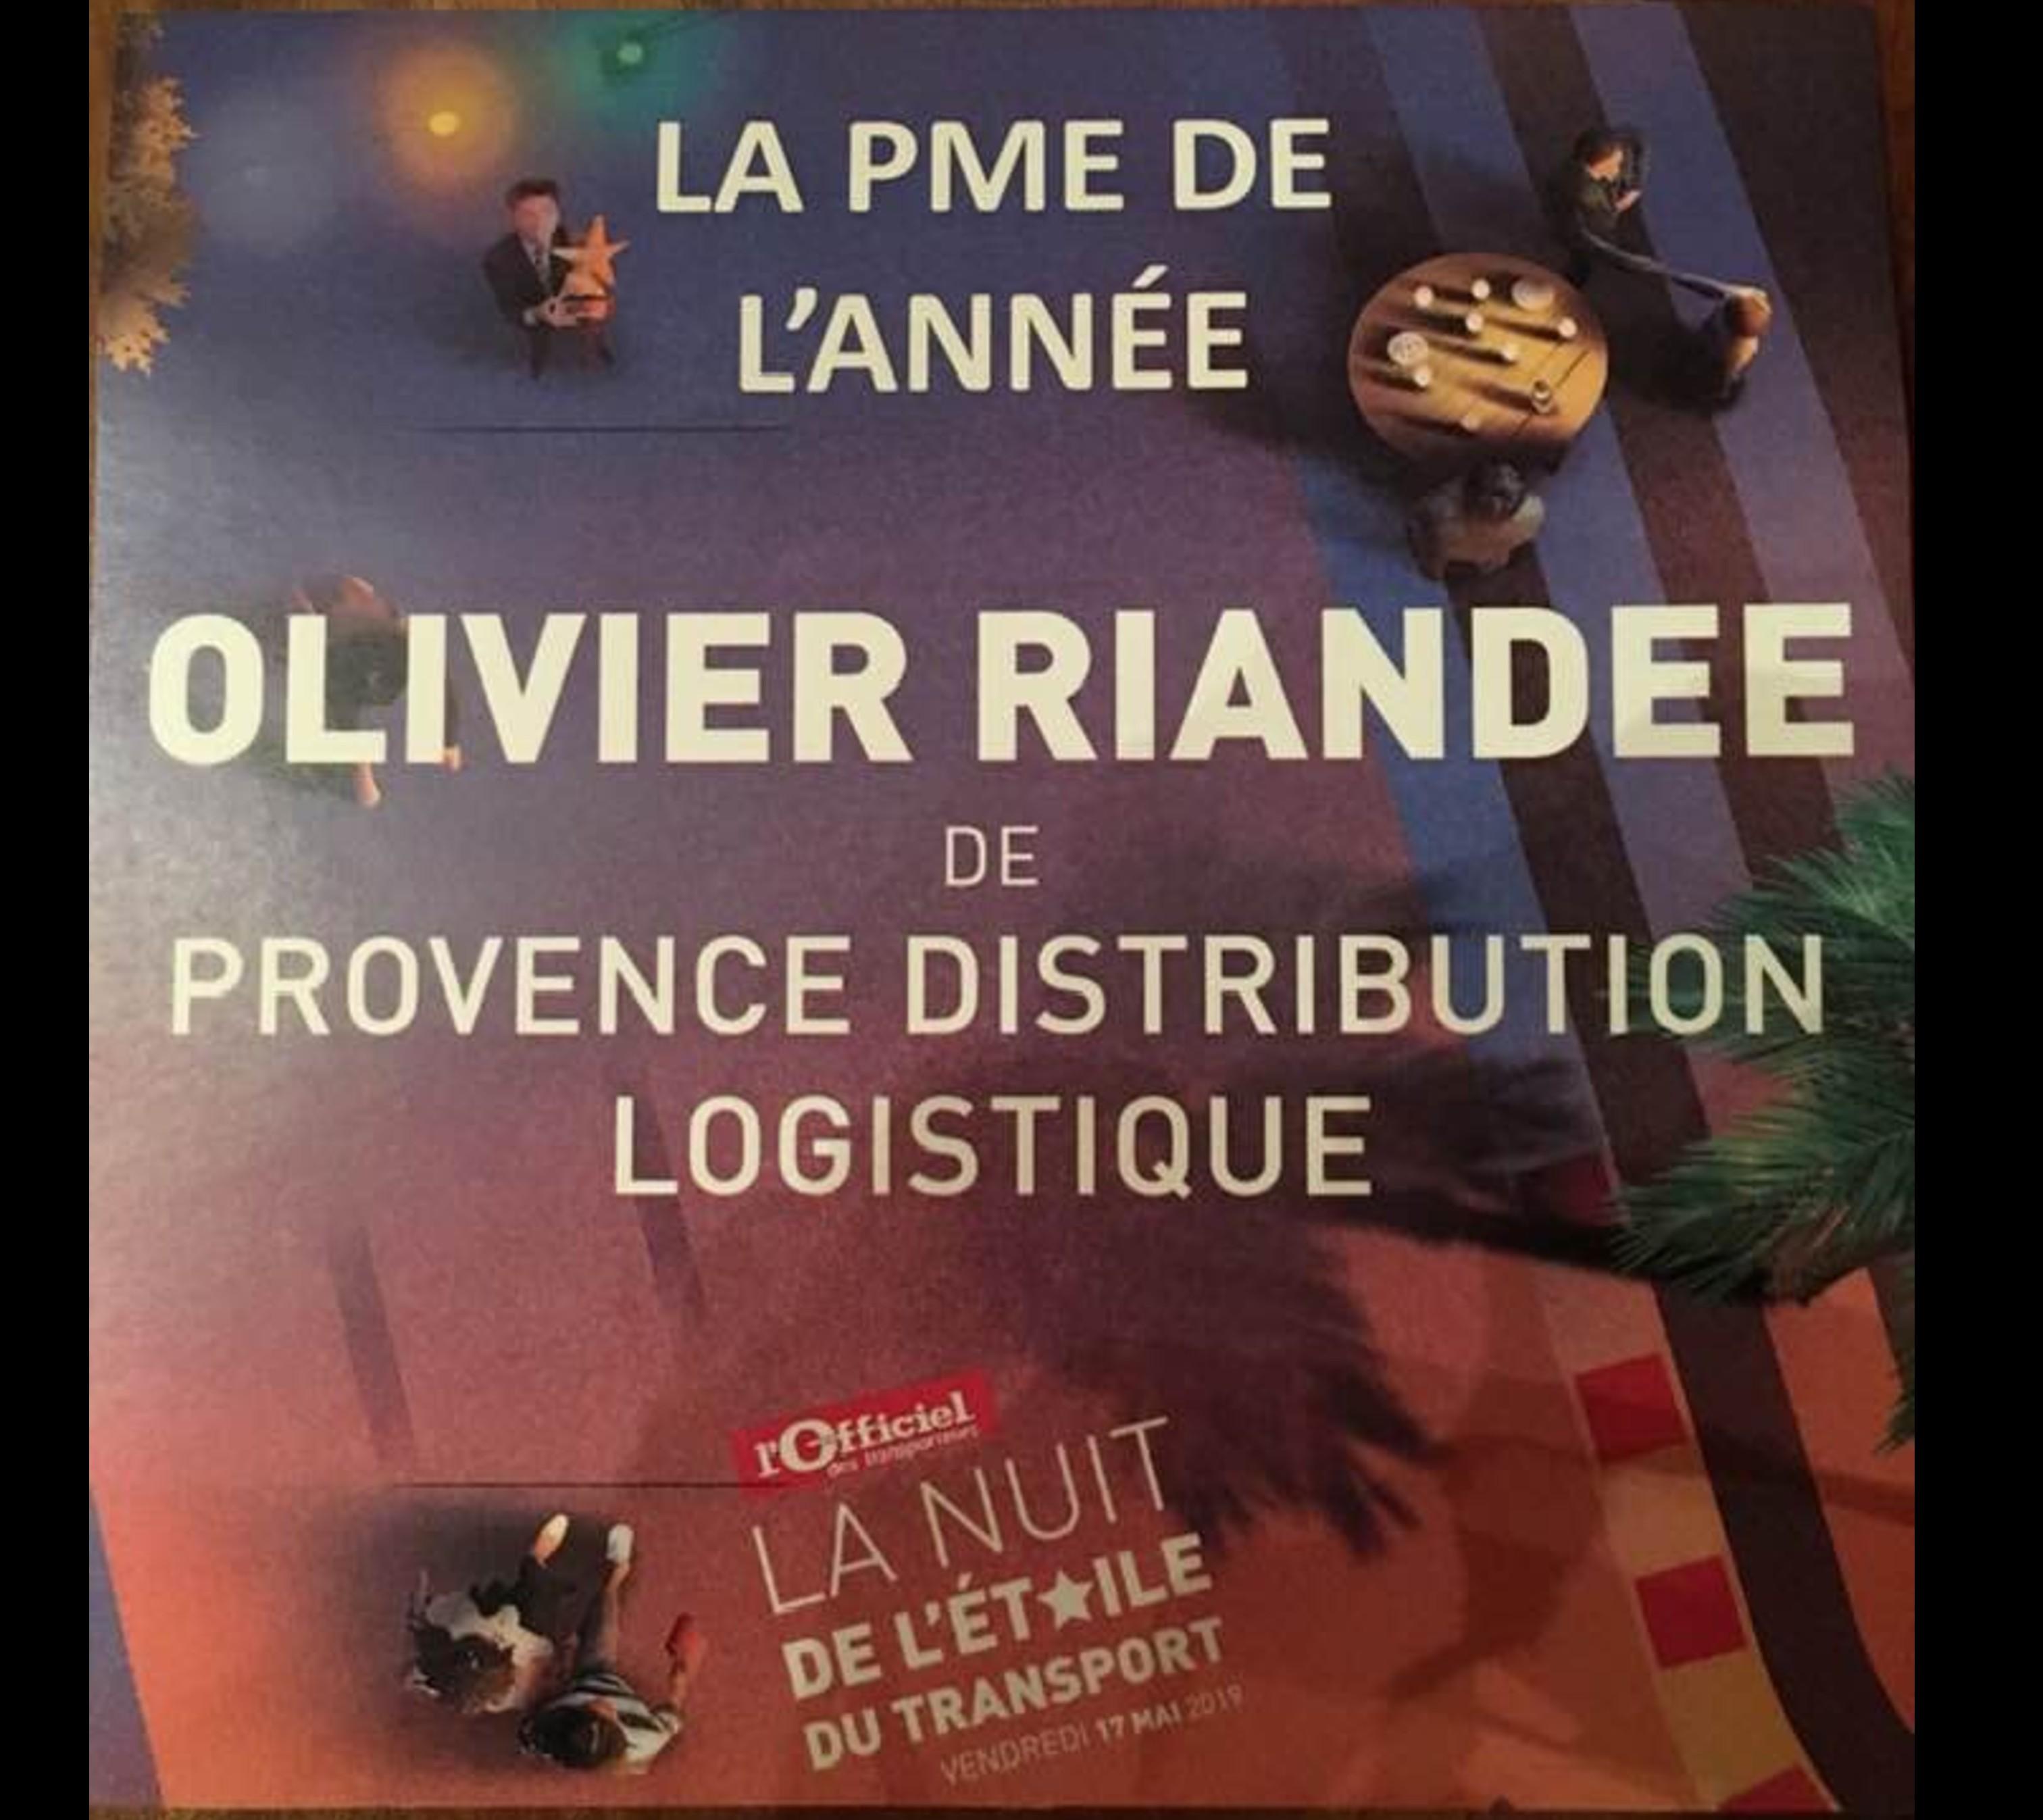 Olivier RIANDEE de Provence Distribution Logistique récompensée de l'Etoile de la PME de l'Année 2019